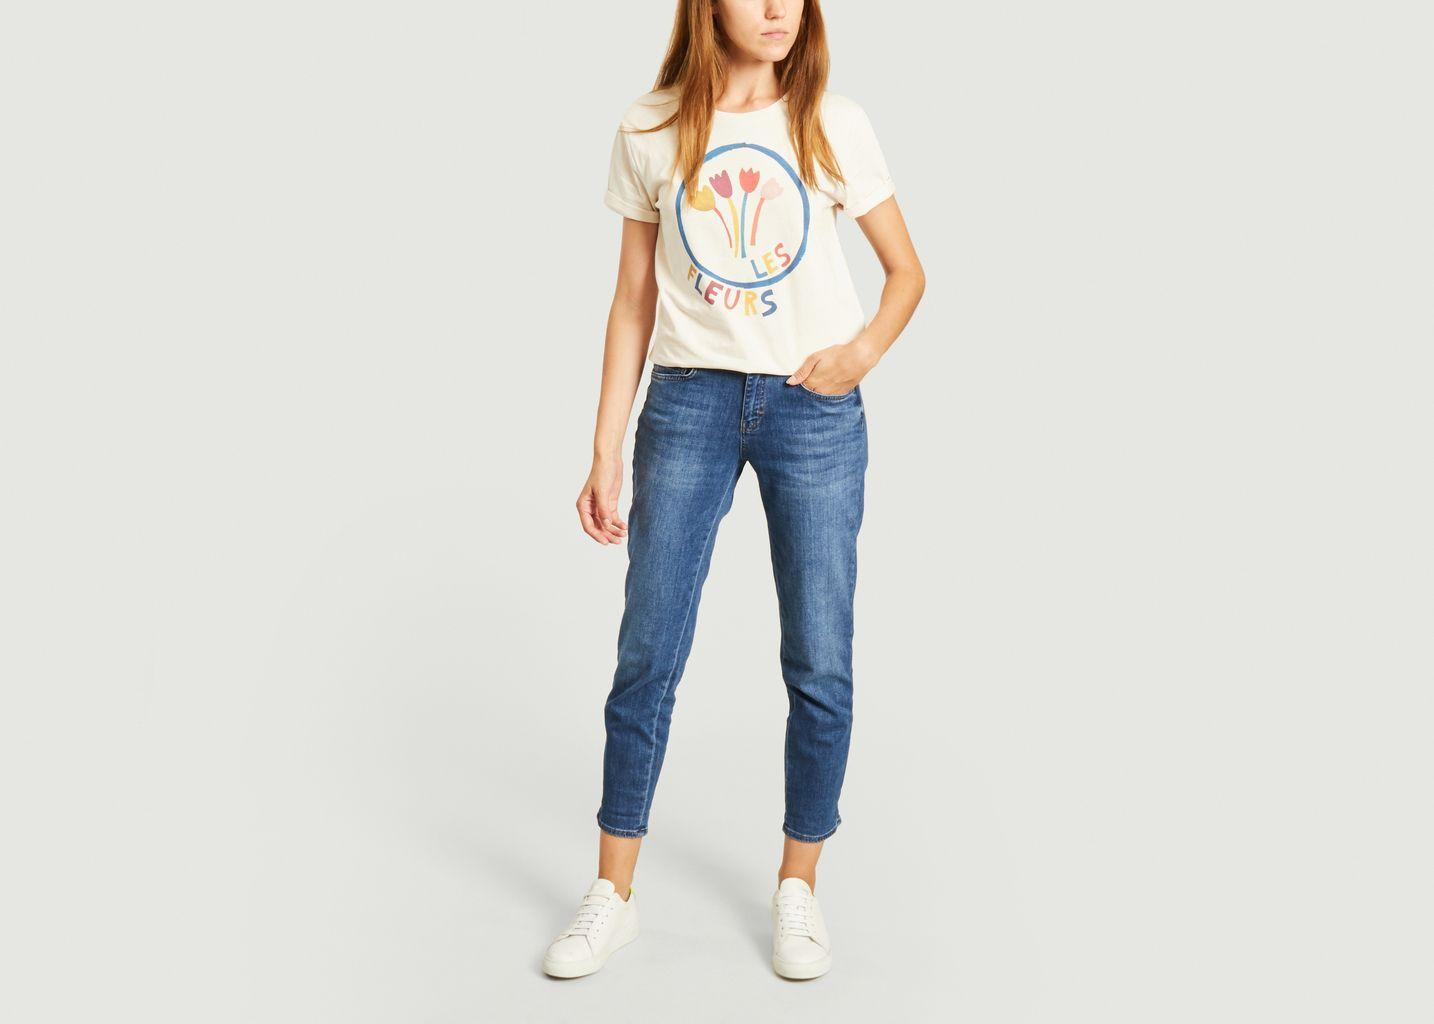 T-shirt les fleurs - Elise Chalmin